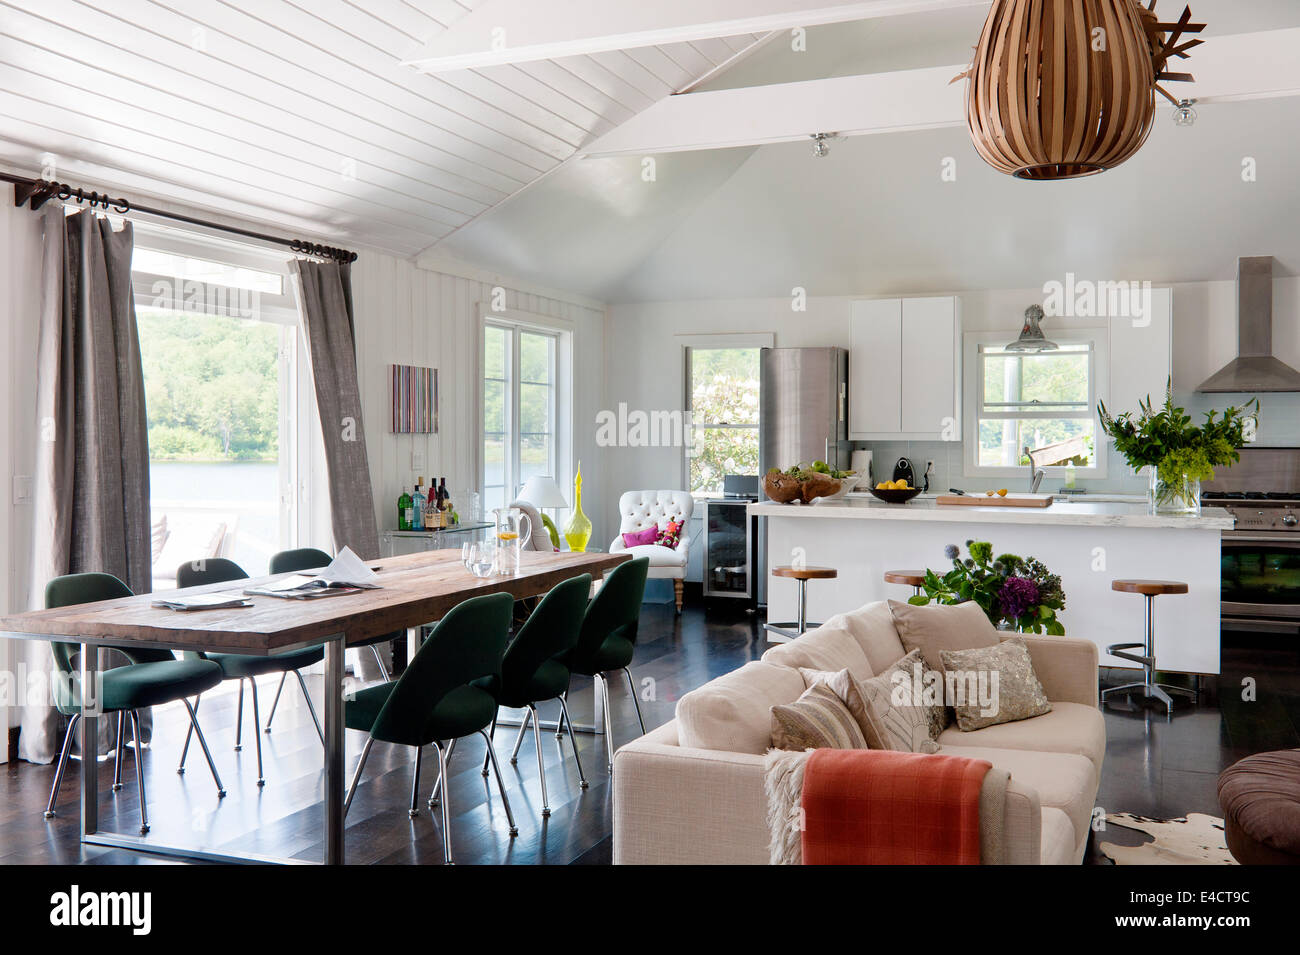 Ikea Sedie Sala Da Pranzo : Aprire il piano bianco spazio soggiorno con cucina ikea unità